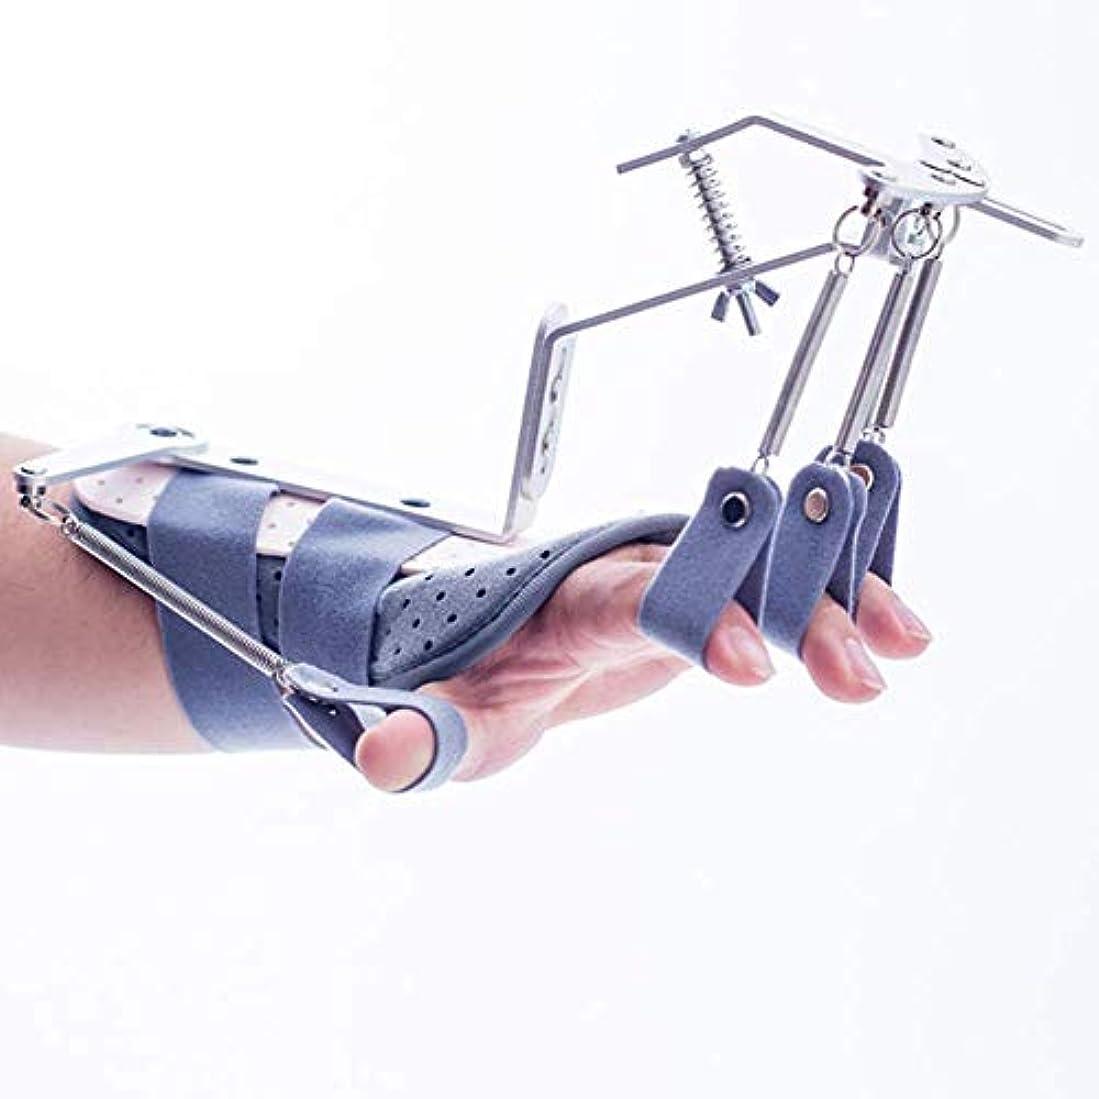 船尾める反逆者指の損傷のサポート、指の副木サポート、手首、手首の親指装具サポート、リハビリテーショントレーニング